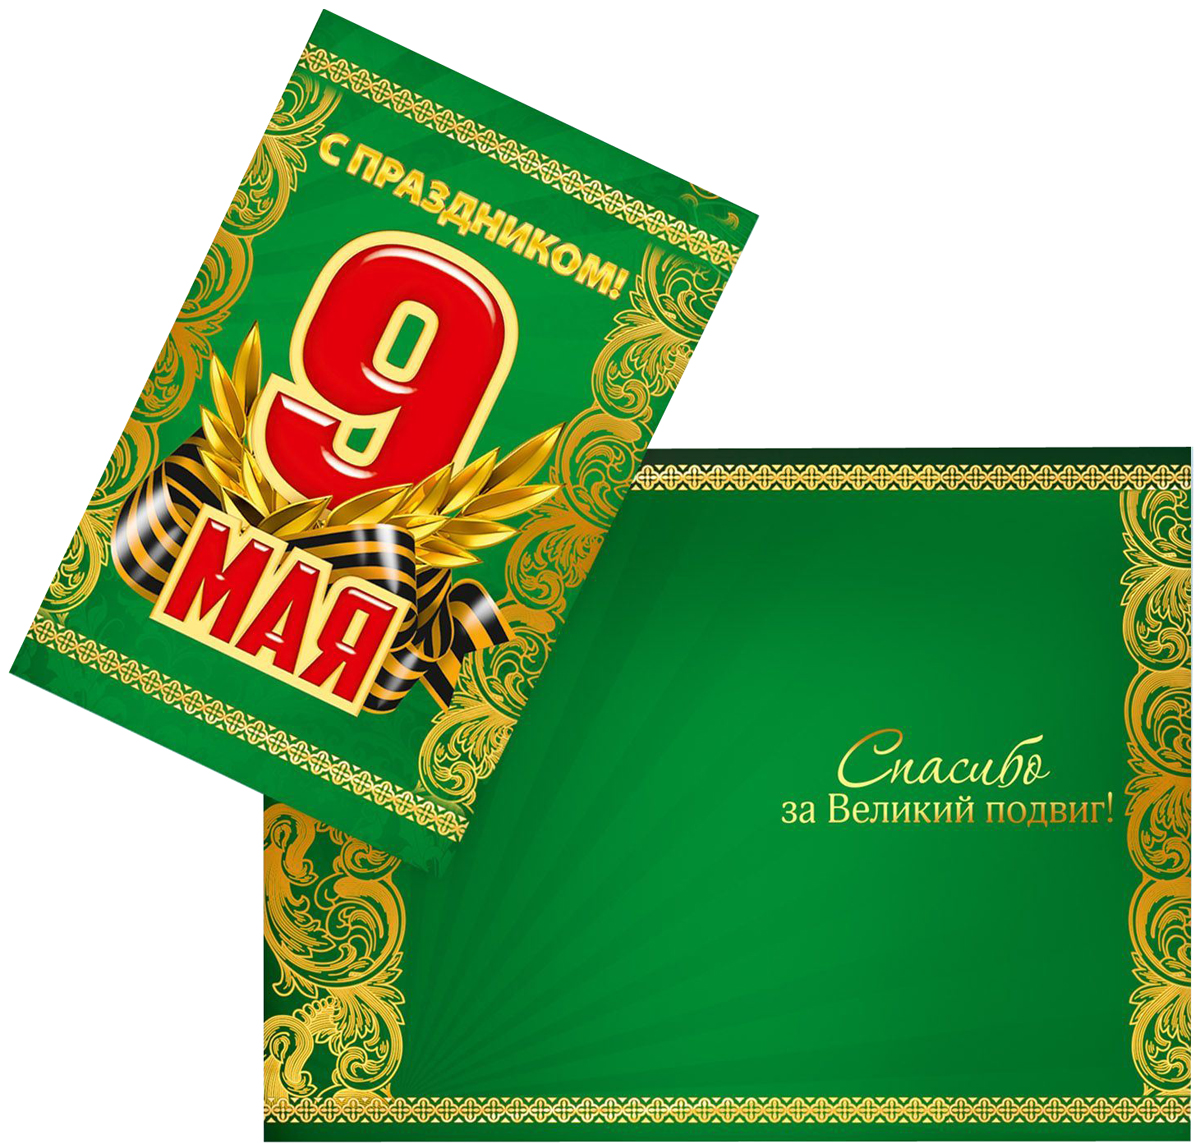 Открытка Дарите cчастье С праздником! 9 мая. Классика, 9 х 6 см открытка дарите cчастье с праздником 9 мая 9 х 6 см